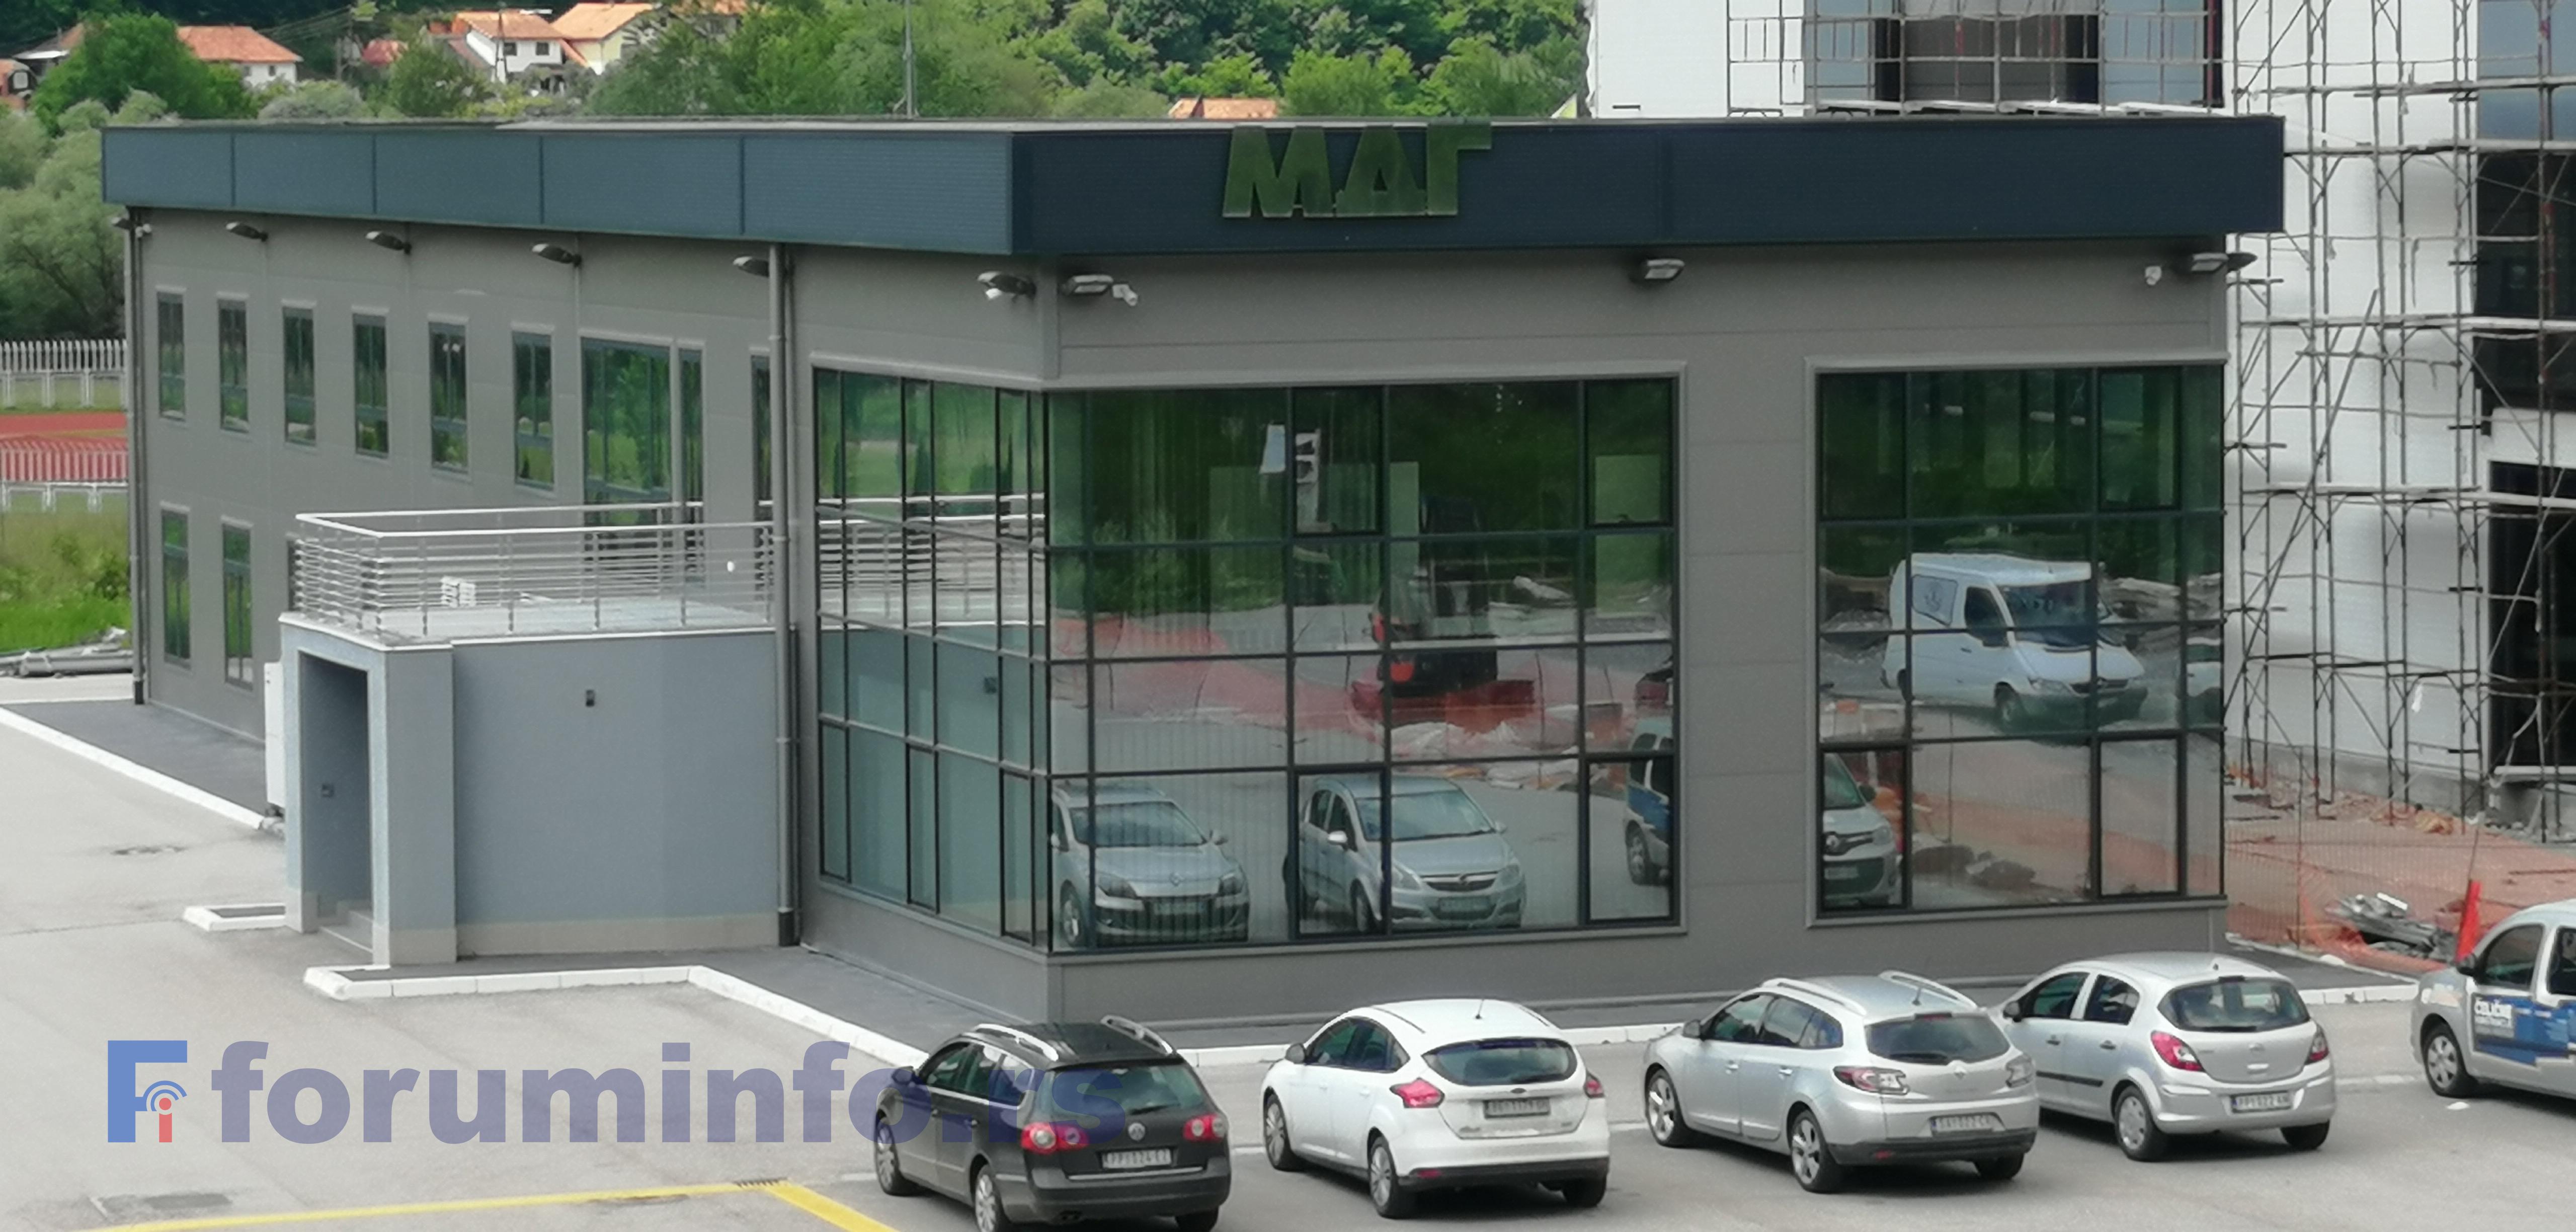 Компанија МДГ у Пријепољу отварa још 80 радних места (ВИДЕО)